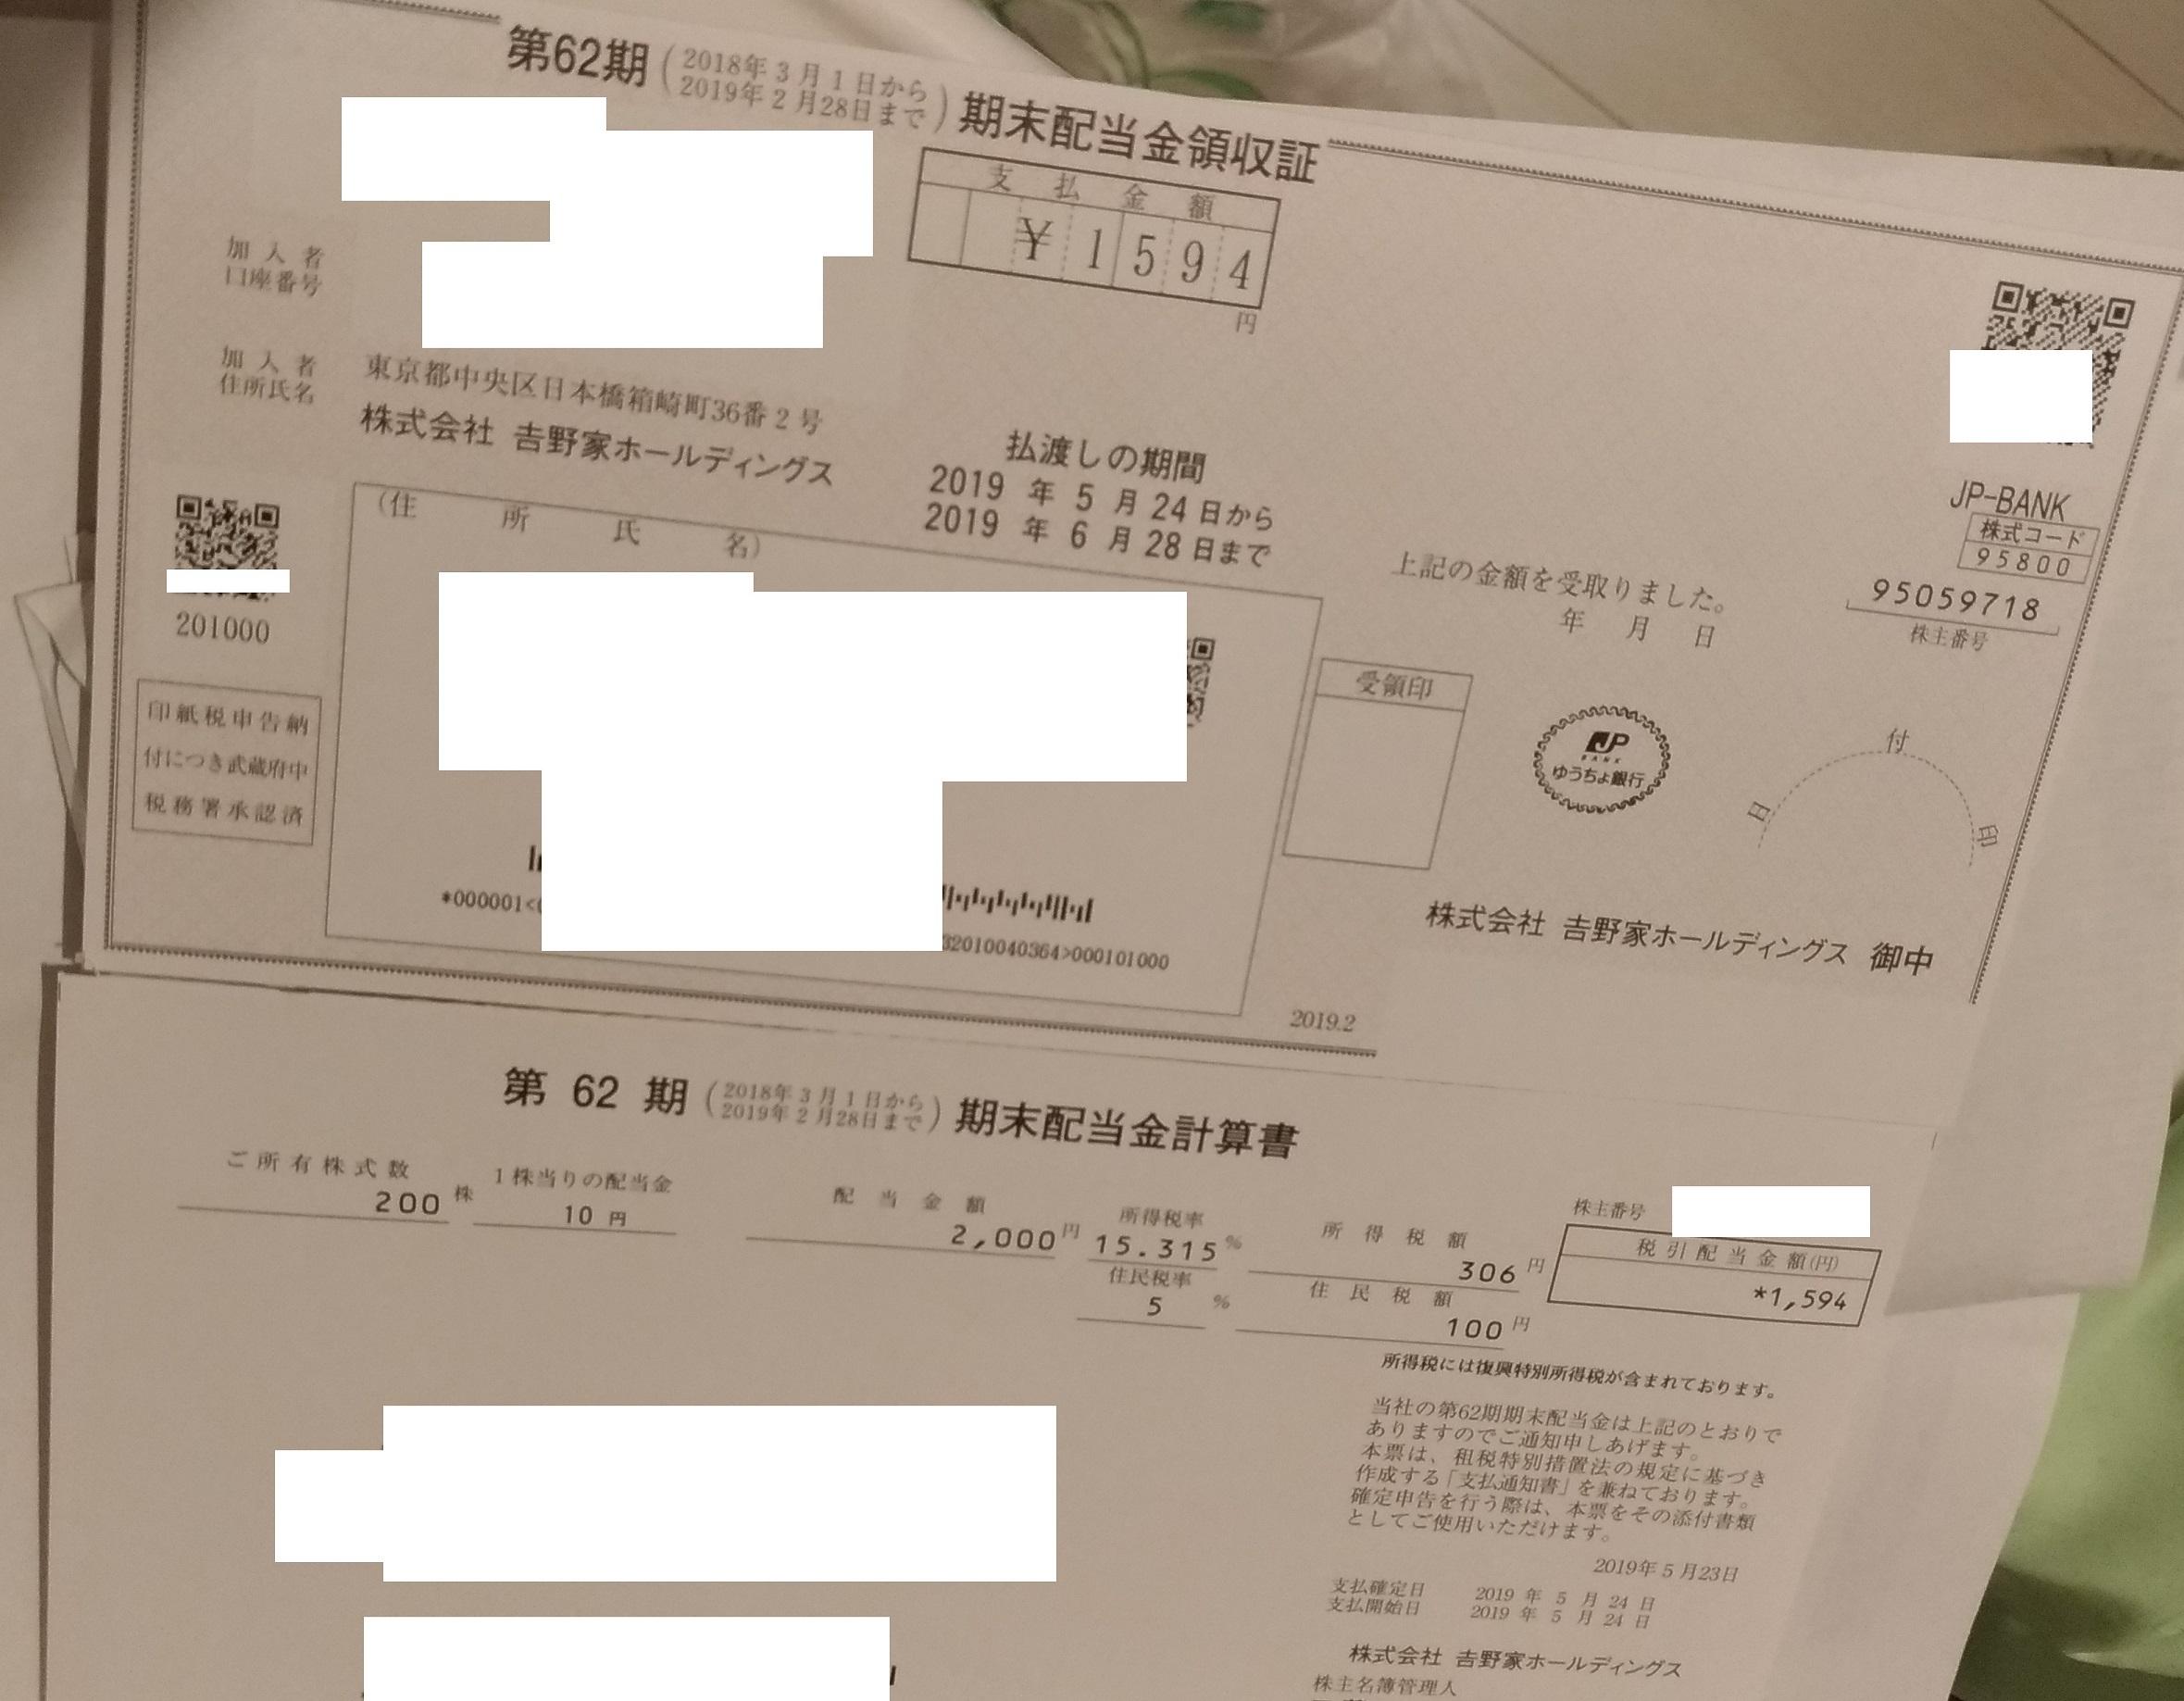 yoshinoya_haito_201905.jpg